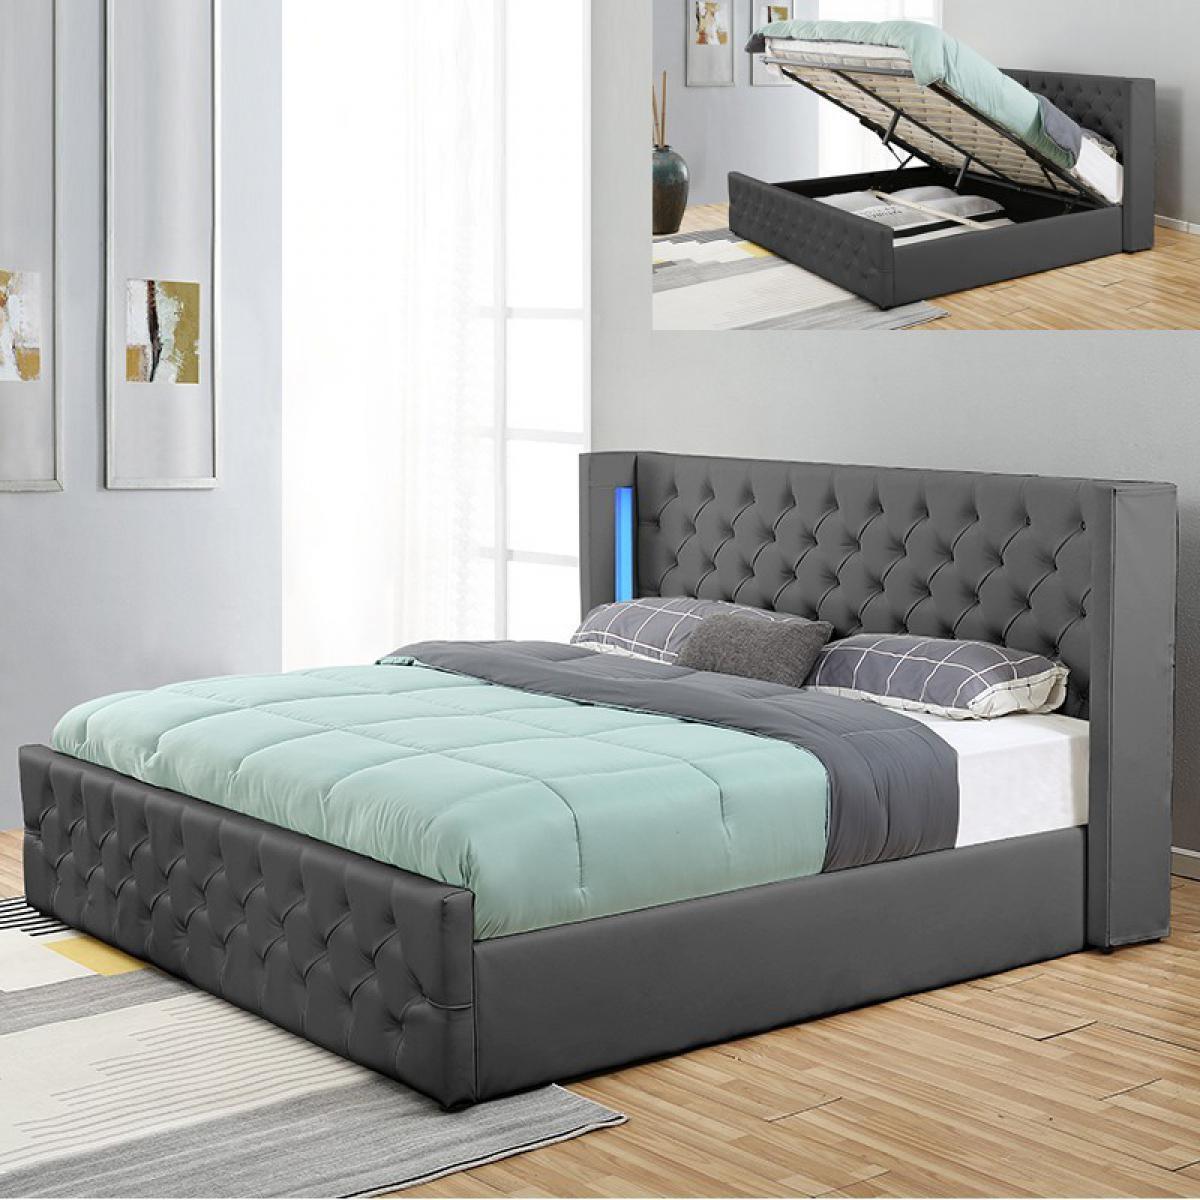 Meubler Design Lit coffre design avec led OSMOS - Gris - 180x200